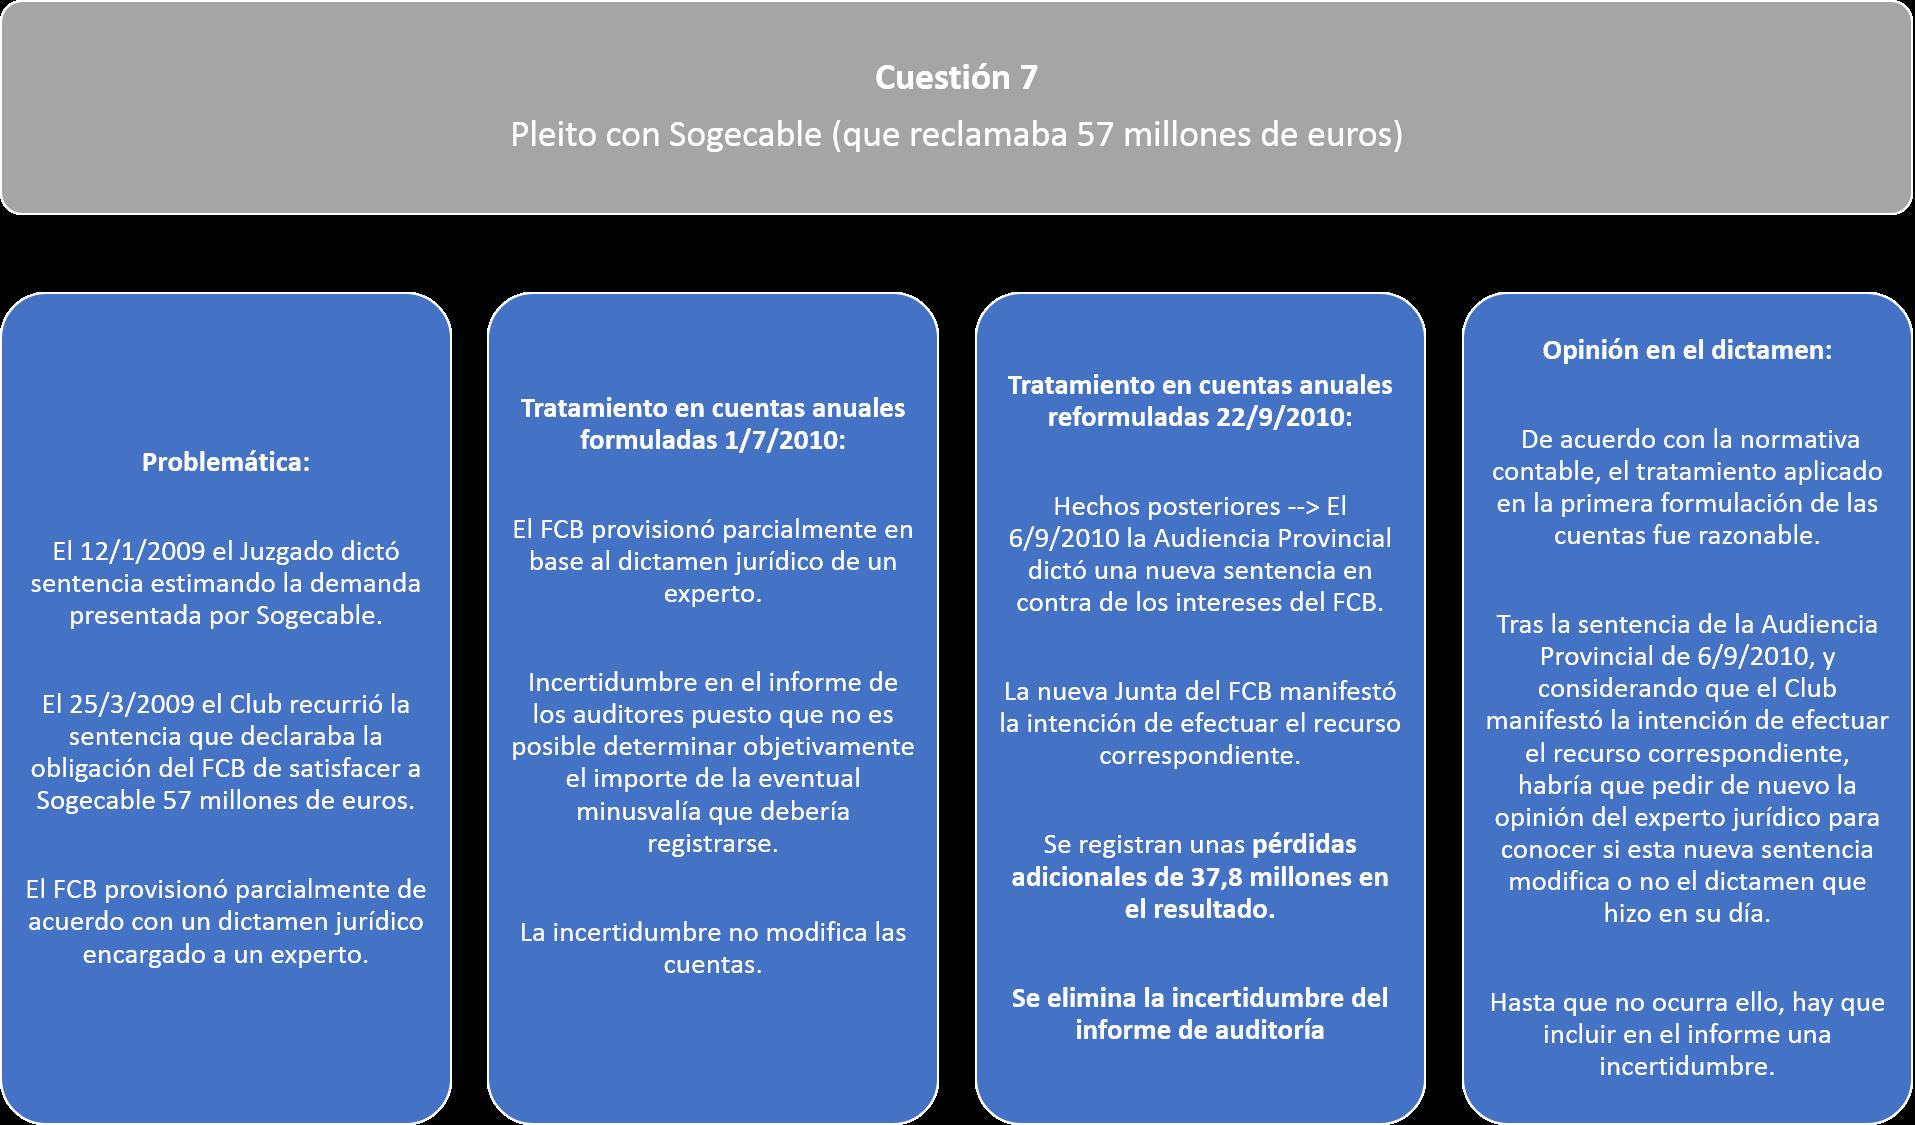 Cuestión 7